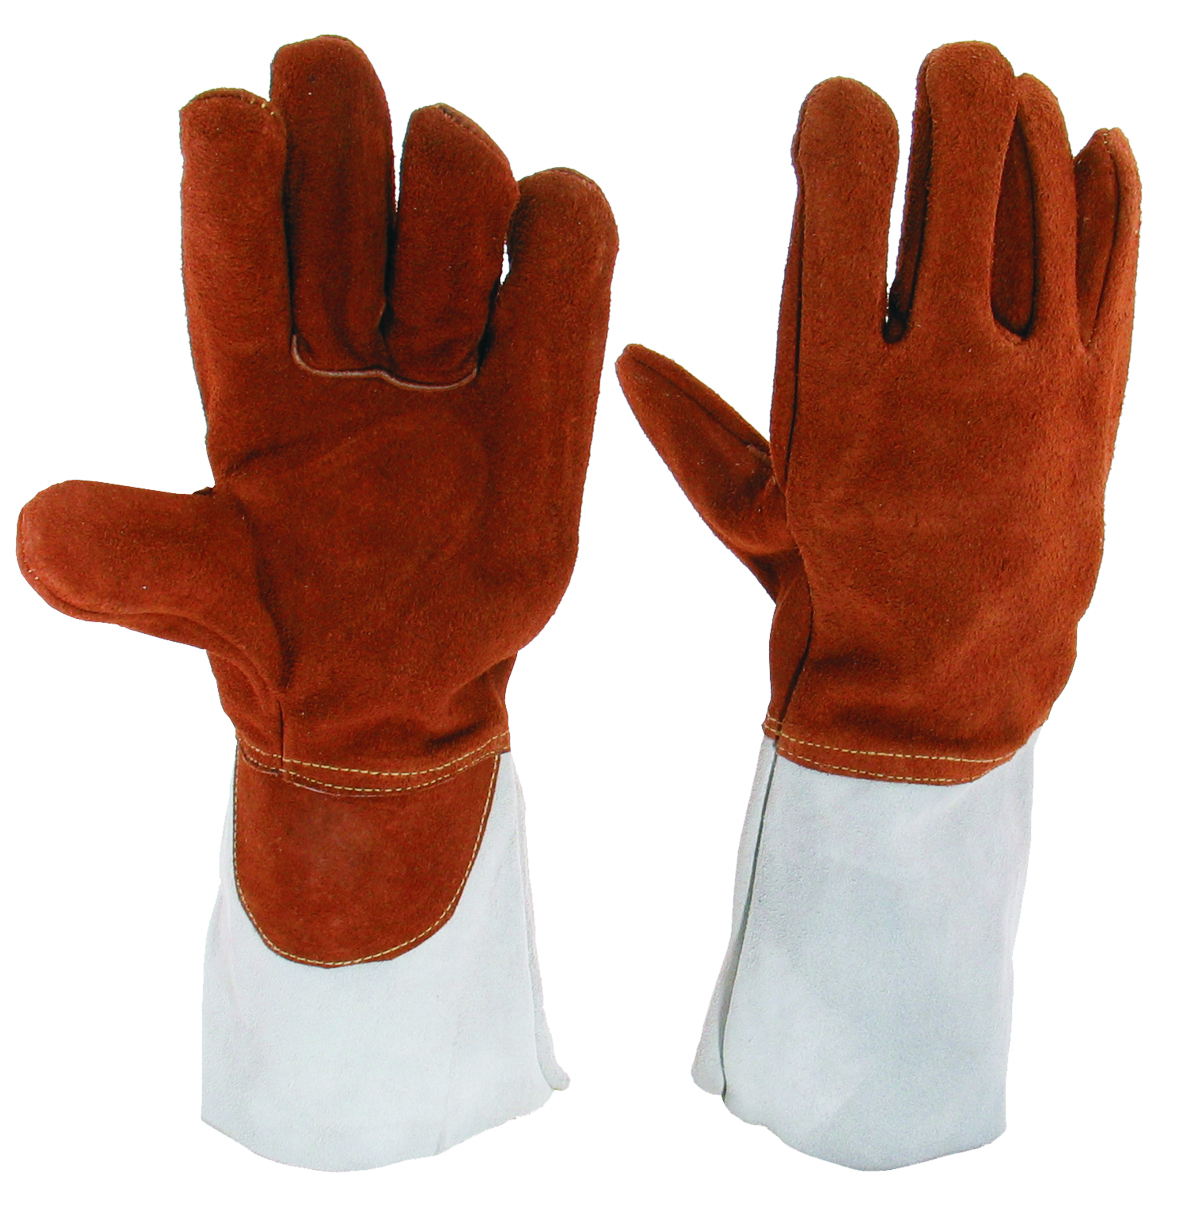 5-Finger Schweisserhandschuhe SEBATAN, Gr. 11